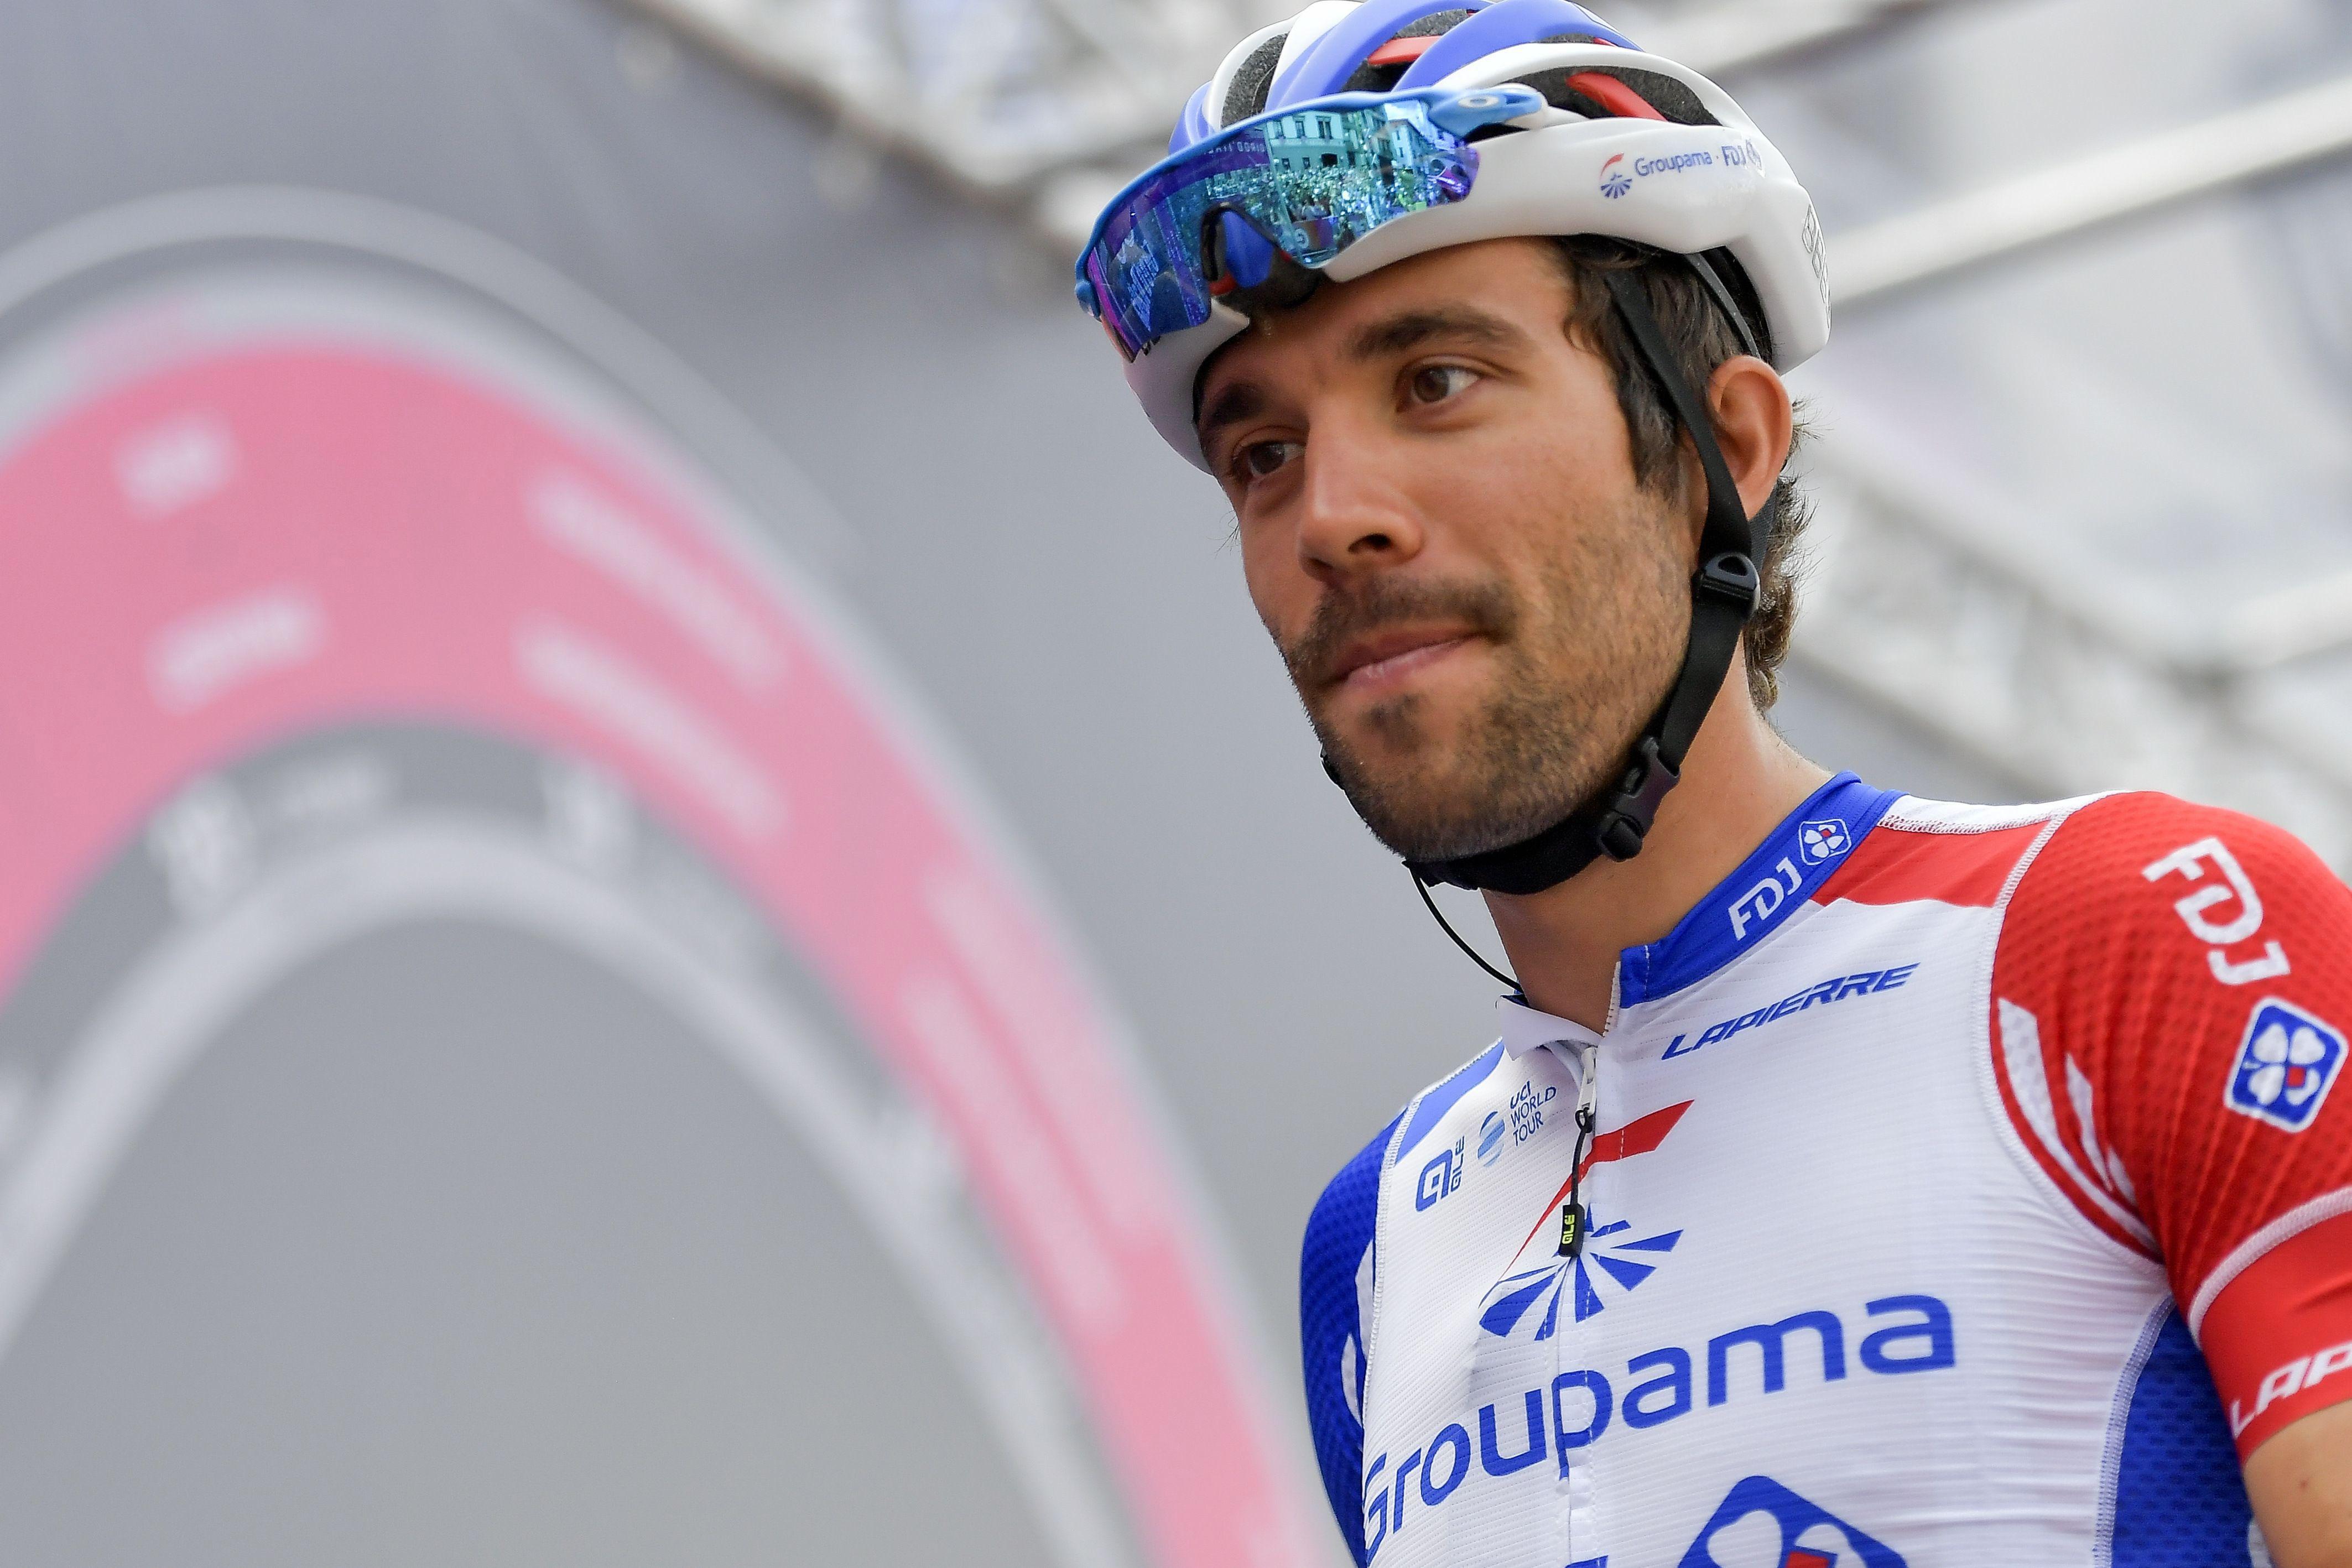 Cyclisme - Tour de France - Tour de France : Pinot s'efface, Gaudu lancé dans le grand bain